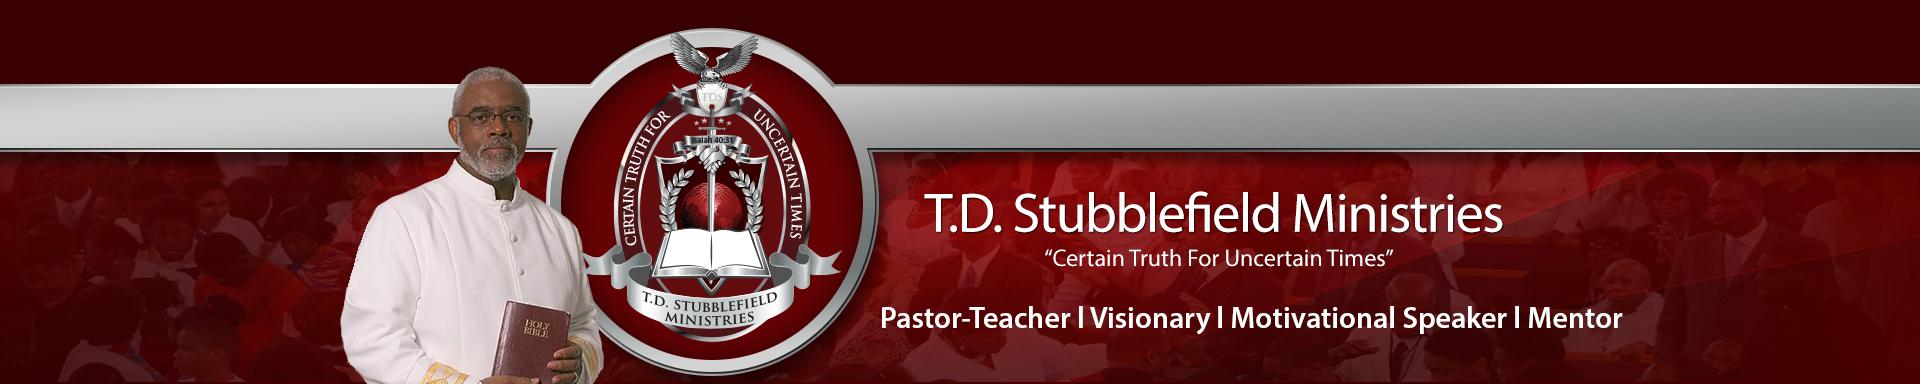 T.D. Stubblefield